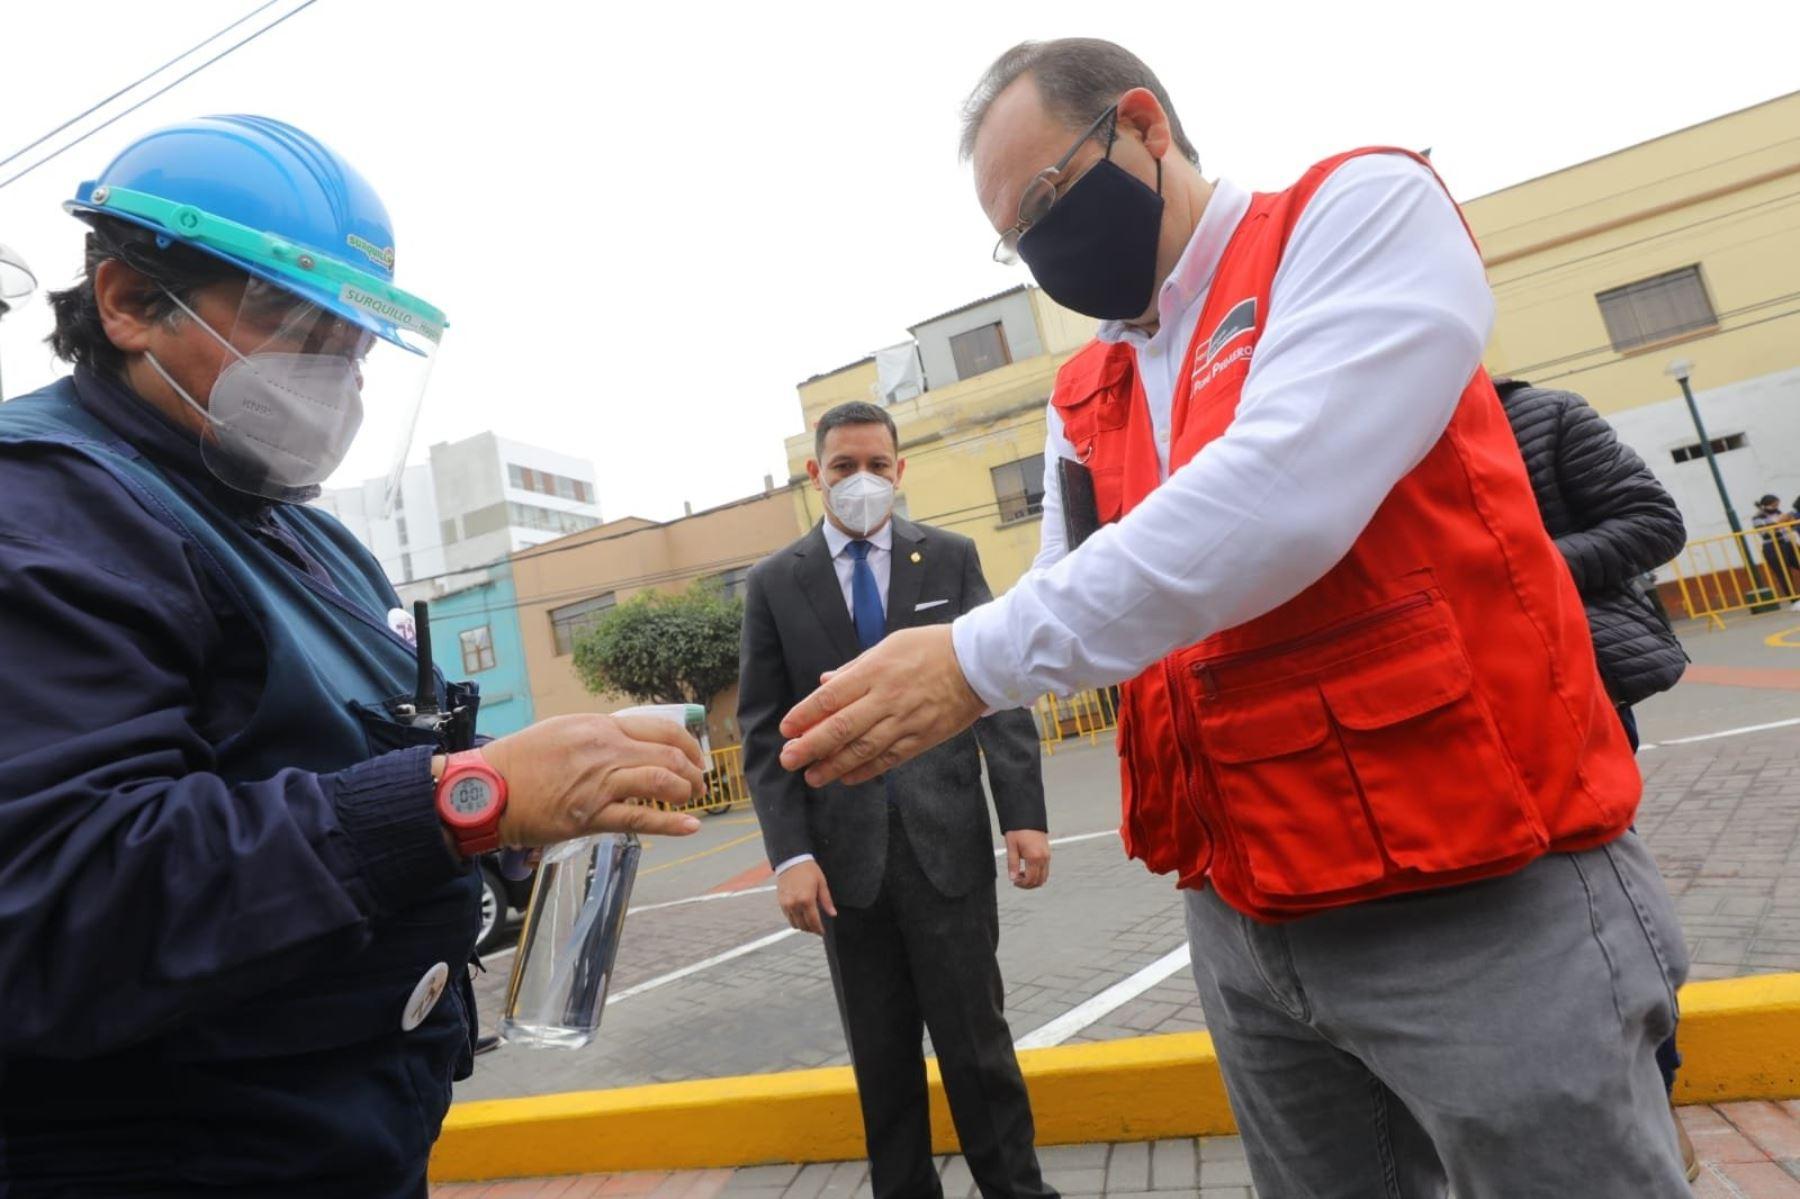 El ministro de la Producción, José Salardi, participa en la firma de convenio con la Municipalidad de Surquillo, a fin de realizar acciones conjuntas para la instalación de un mercado temporal en el distrito. Foto: ANDINA/Produce